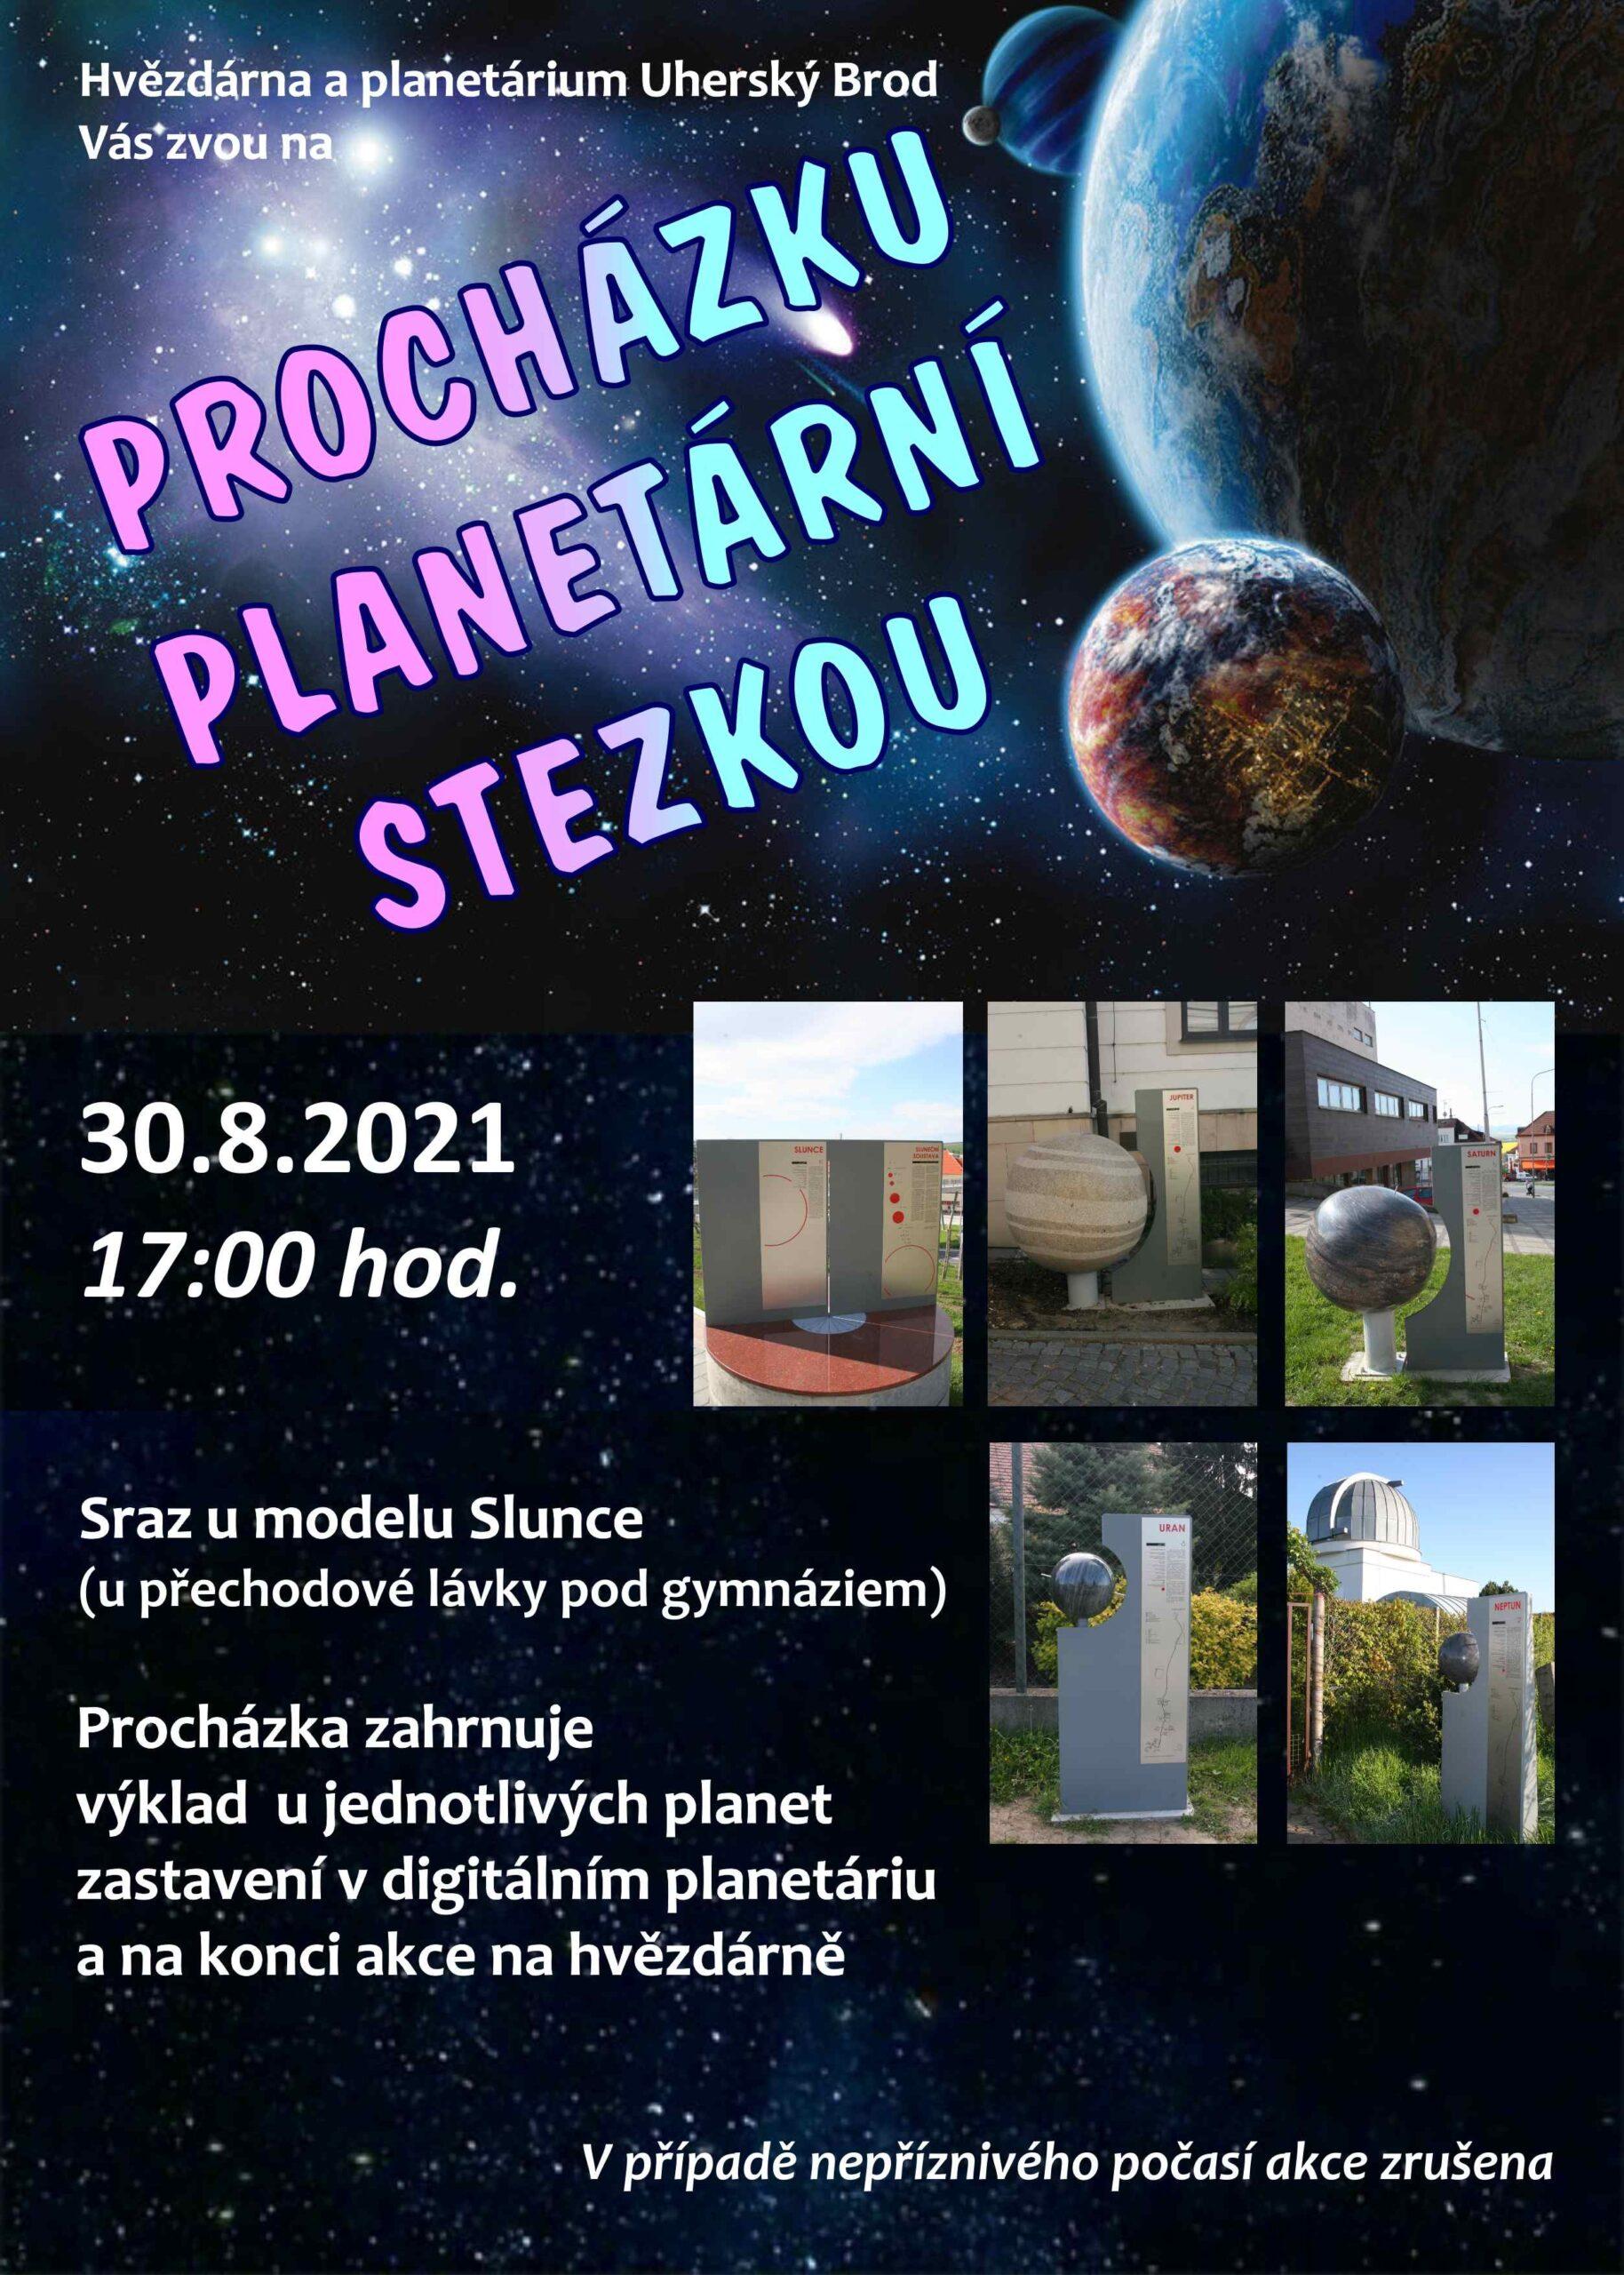 ZRUŠENO - Procházka planetární stezkou